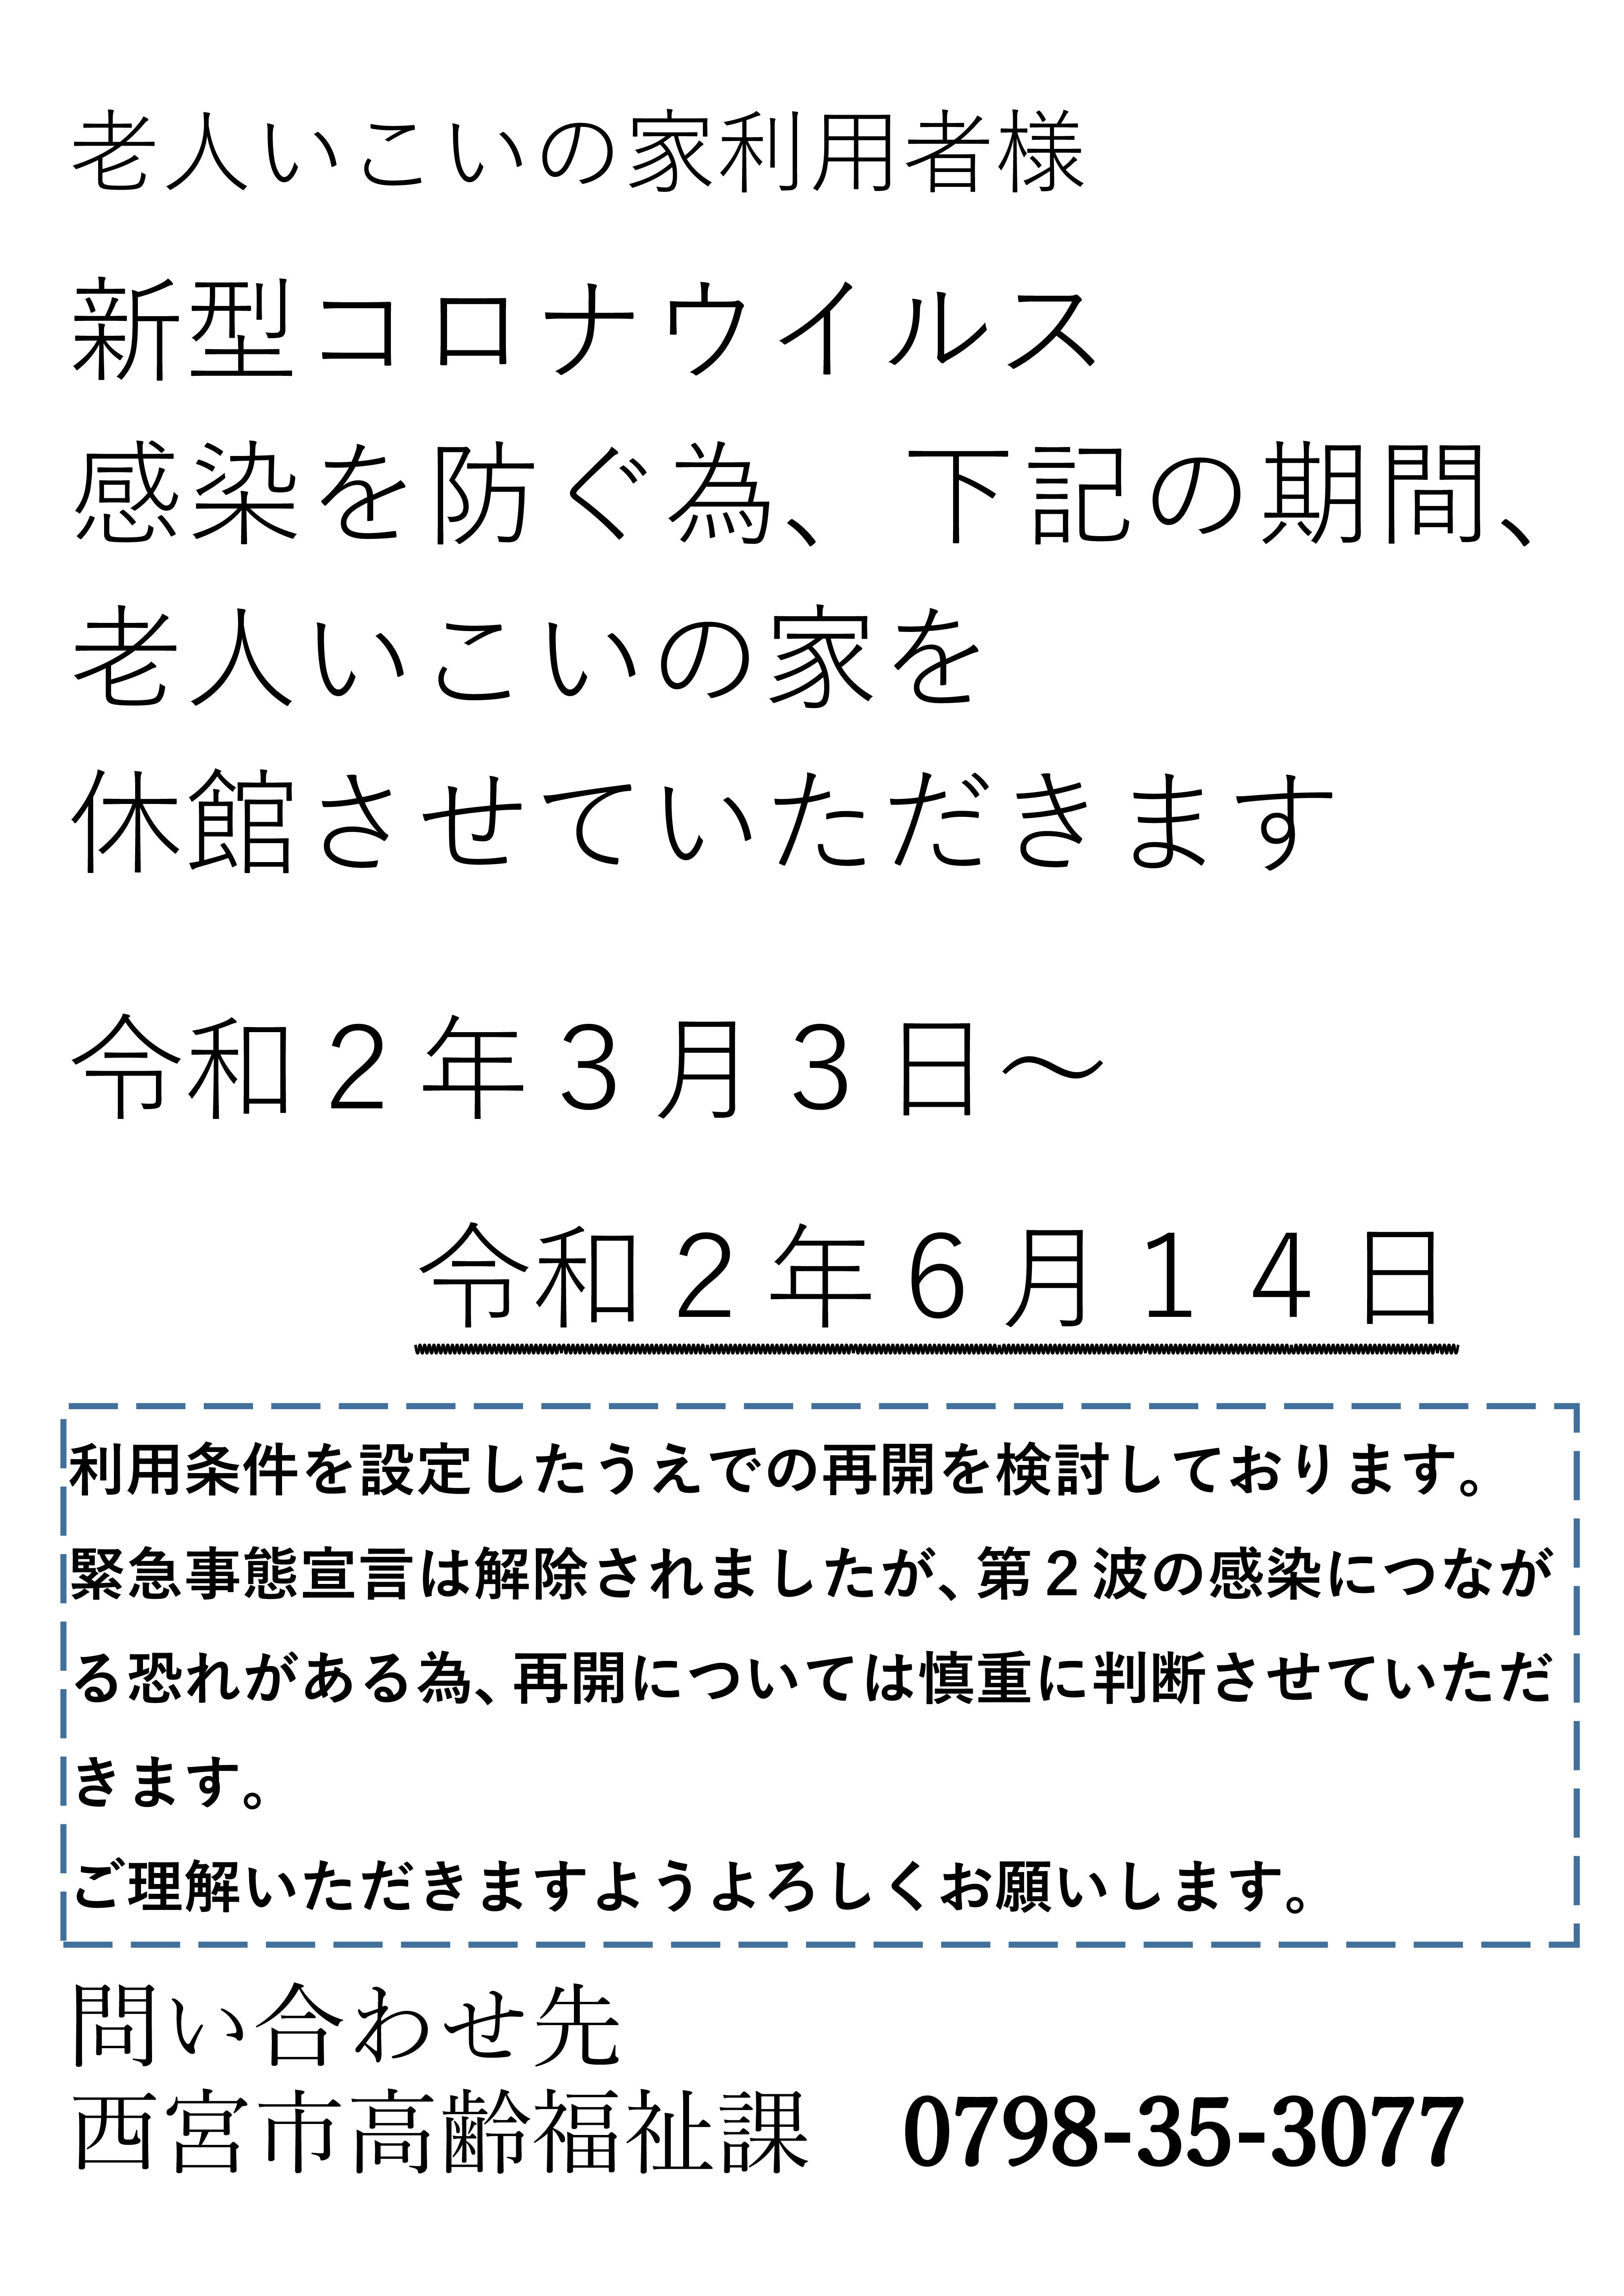 (0614まで延長)新型コロナウイルス(張紙)